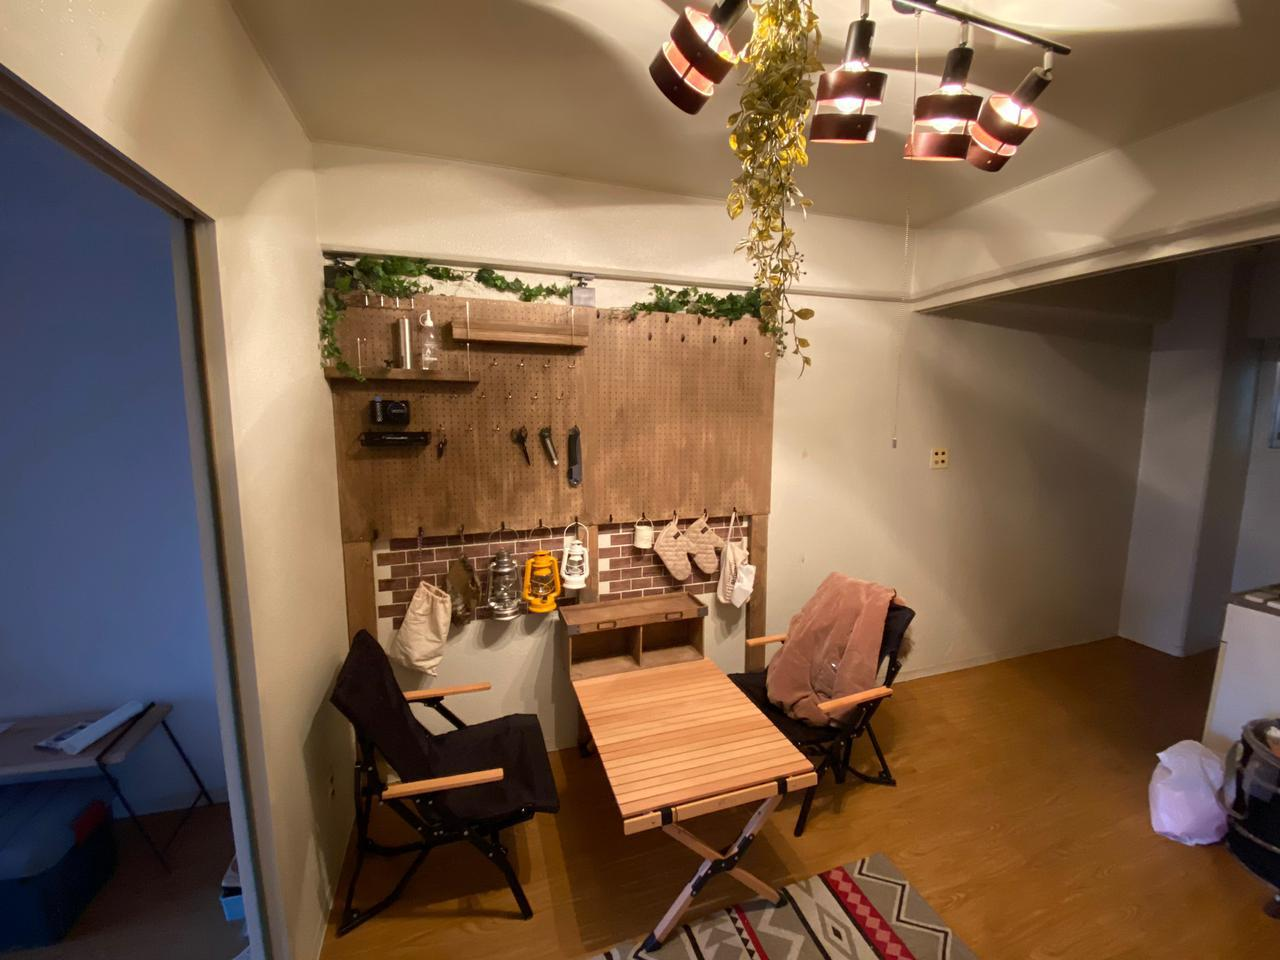 画像: 【DIY】キャンプ道具をおしゃれに収納する棚の作り方をご紹介! 賃貸でも大丈夫! - ハピキャン(HAPPY CAMPER)